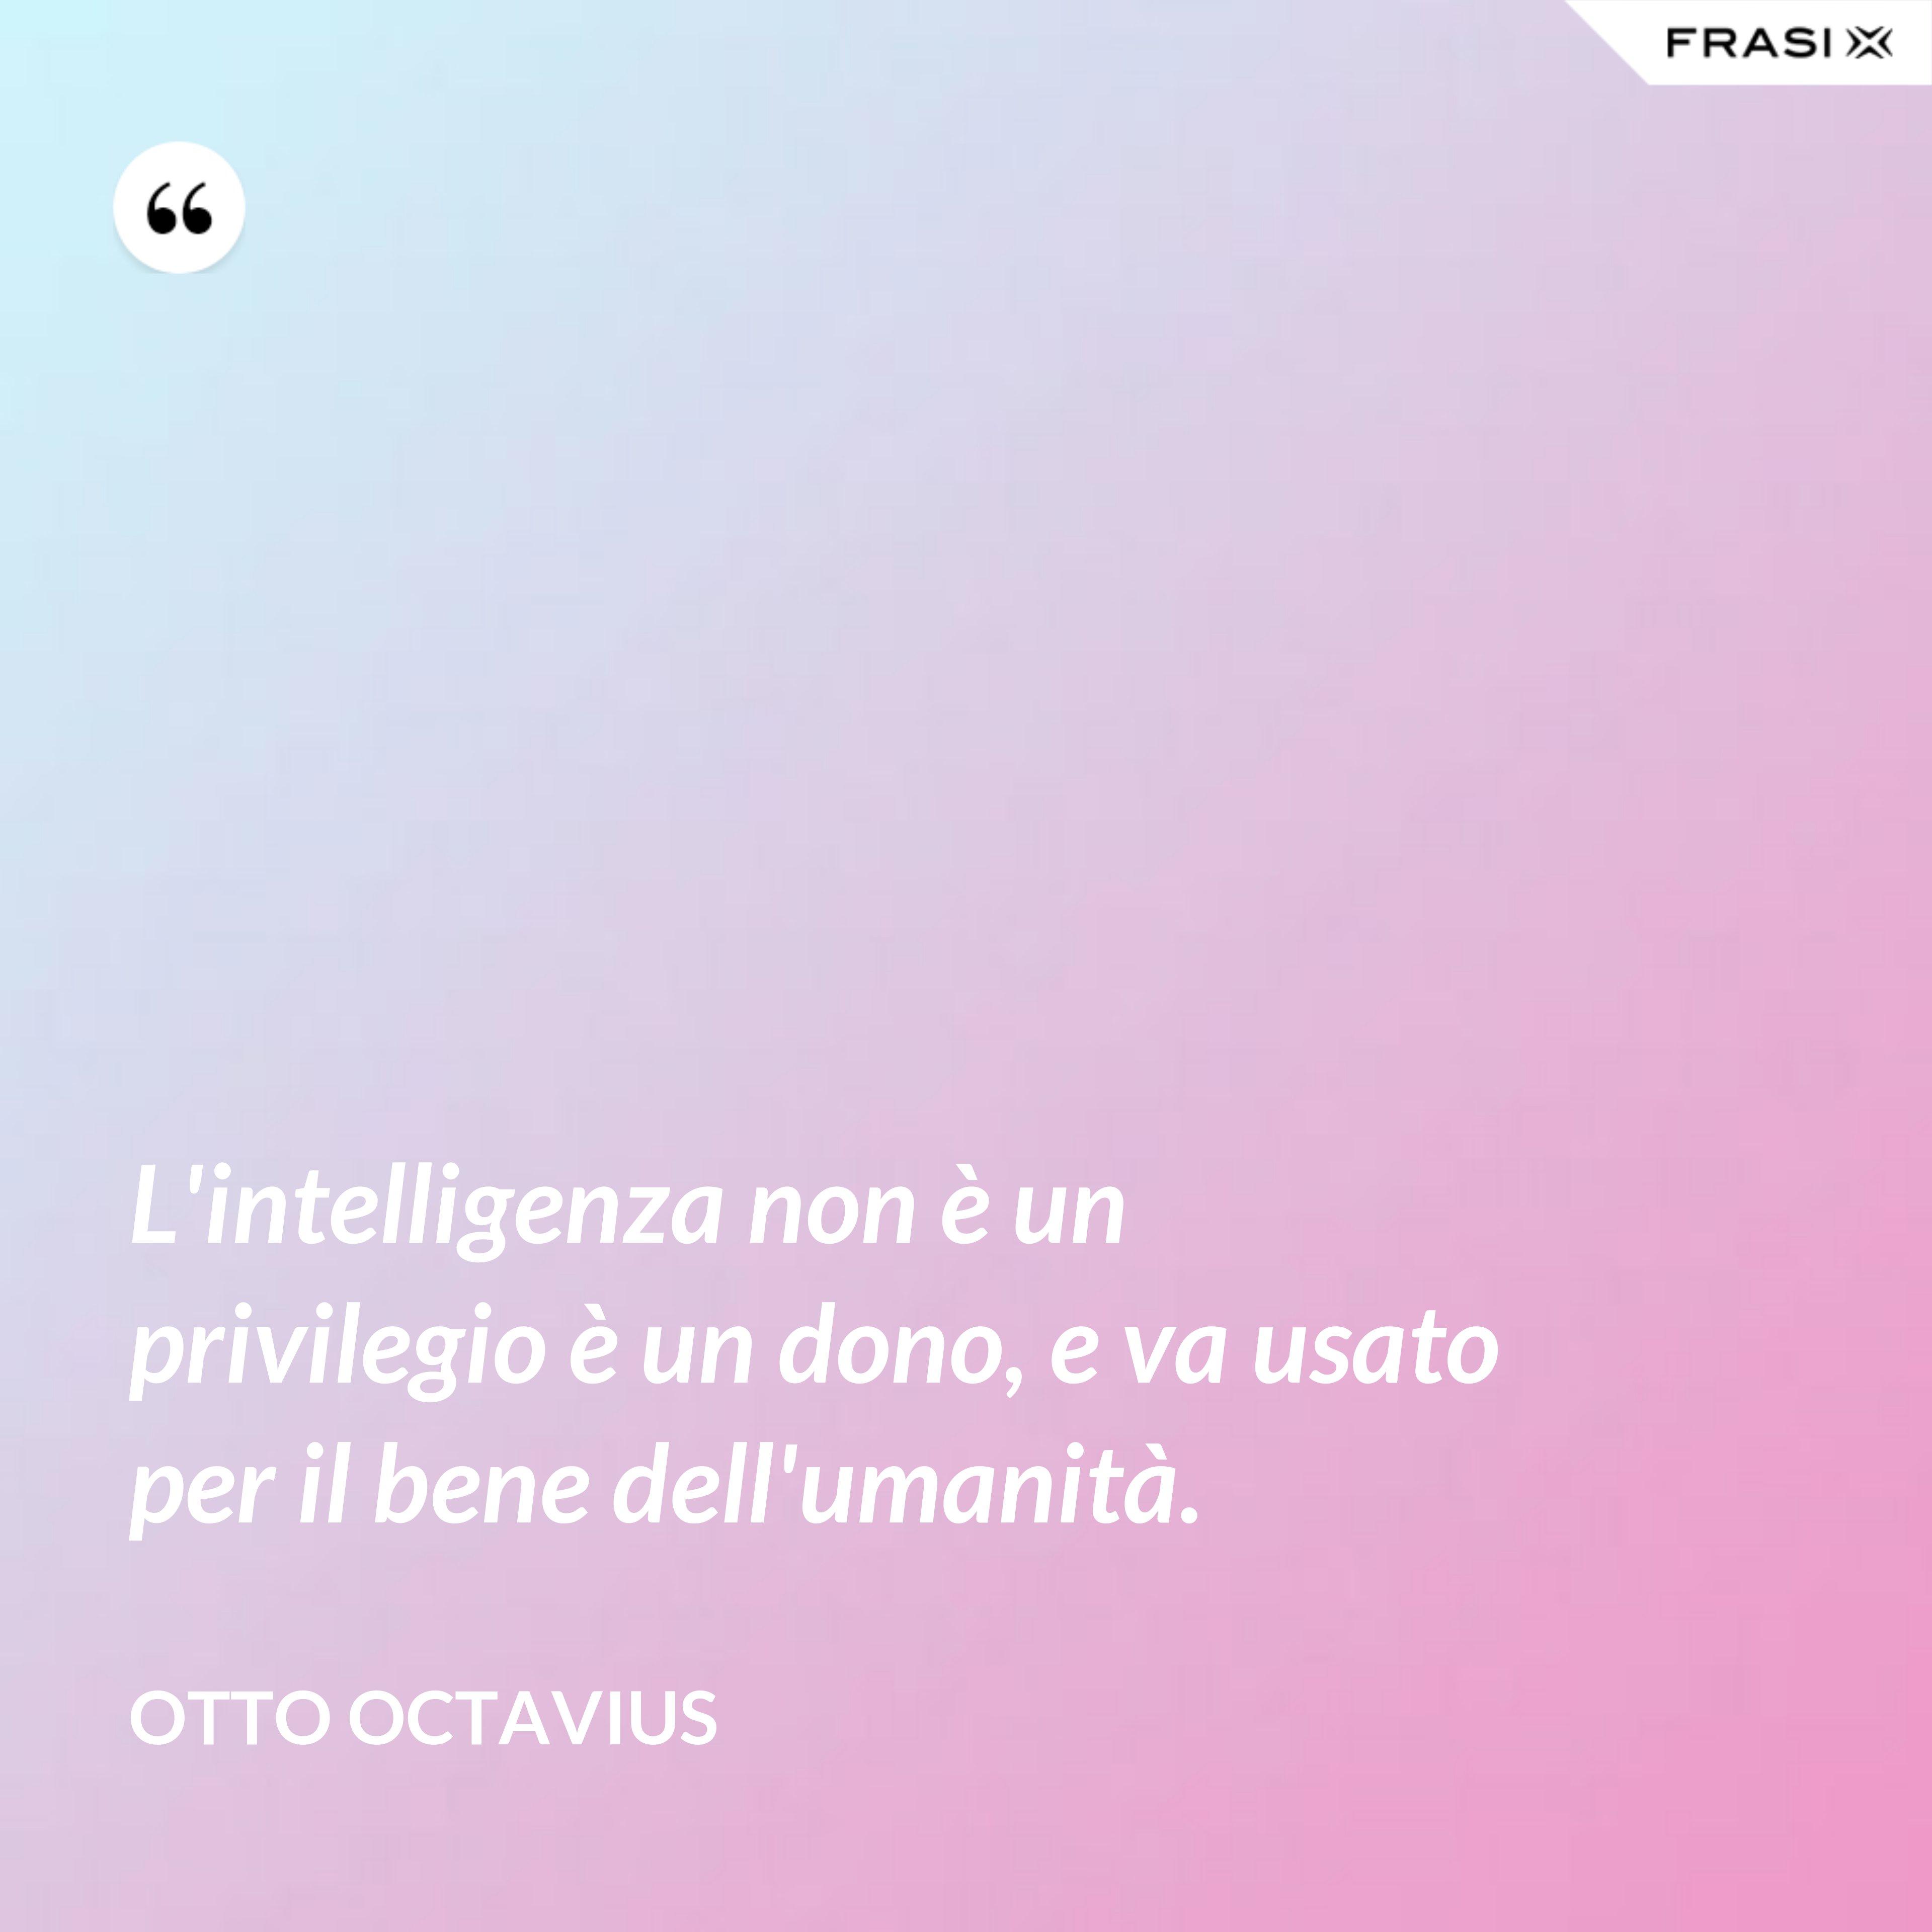 L'intelligenza non è un privilegio è un dono, e va usato per il bene dell'umanità. - Otto Octavius